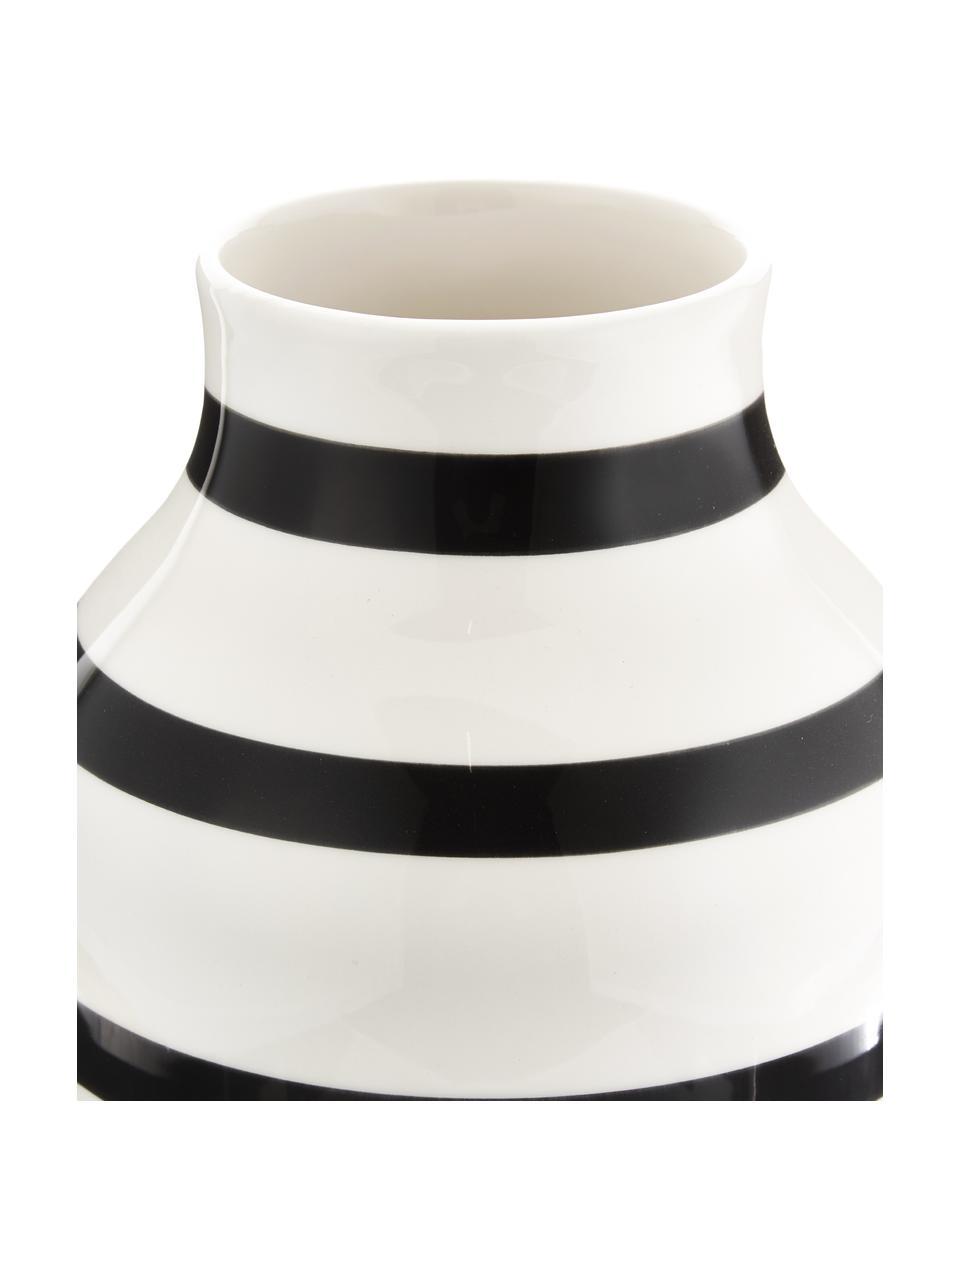 Vaso di design fatto a mano Omaggio, Ceramica, Nero, bianco, Ø 20 x Alt.31 cm